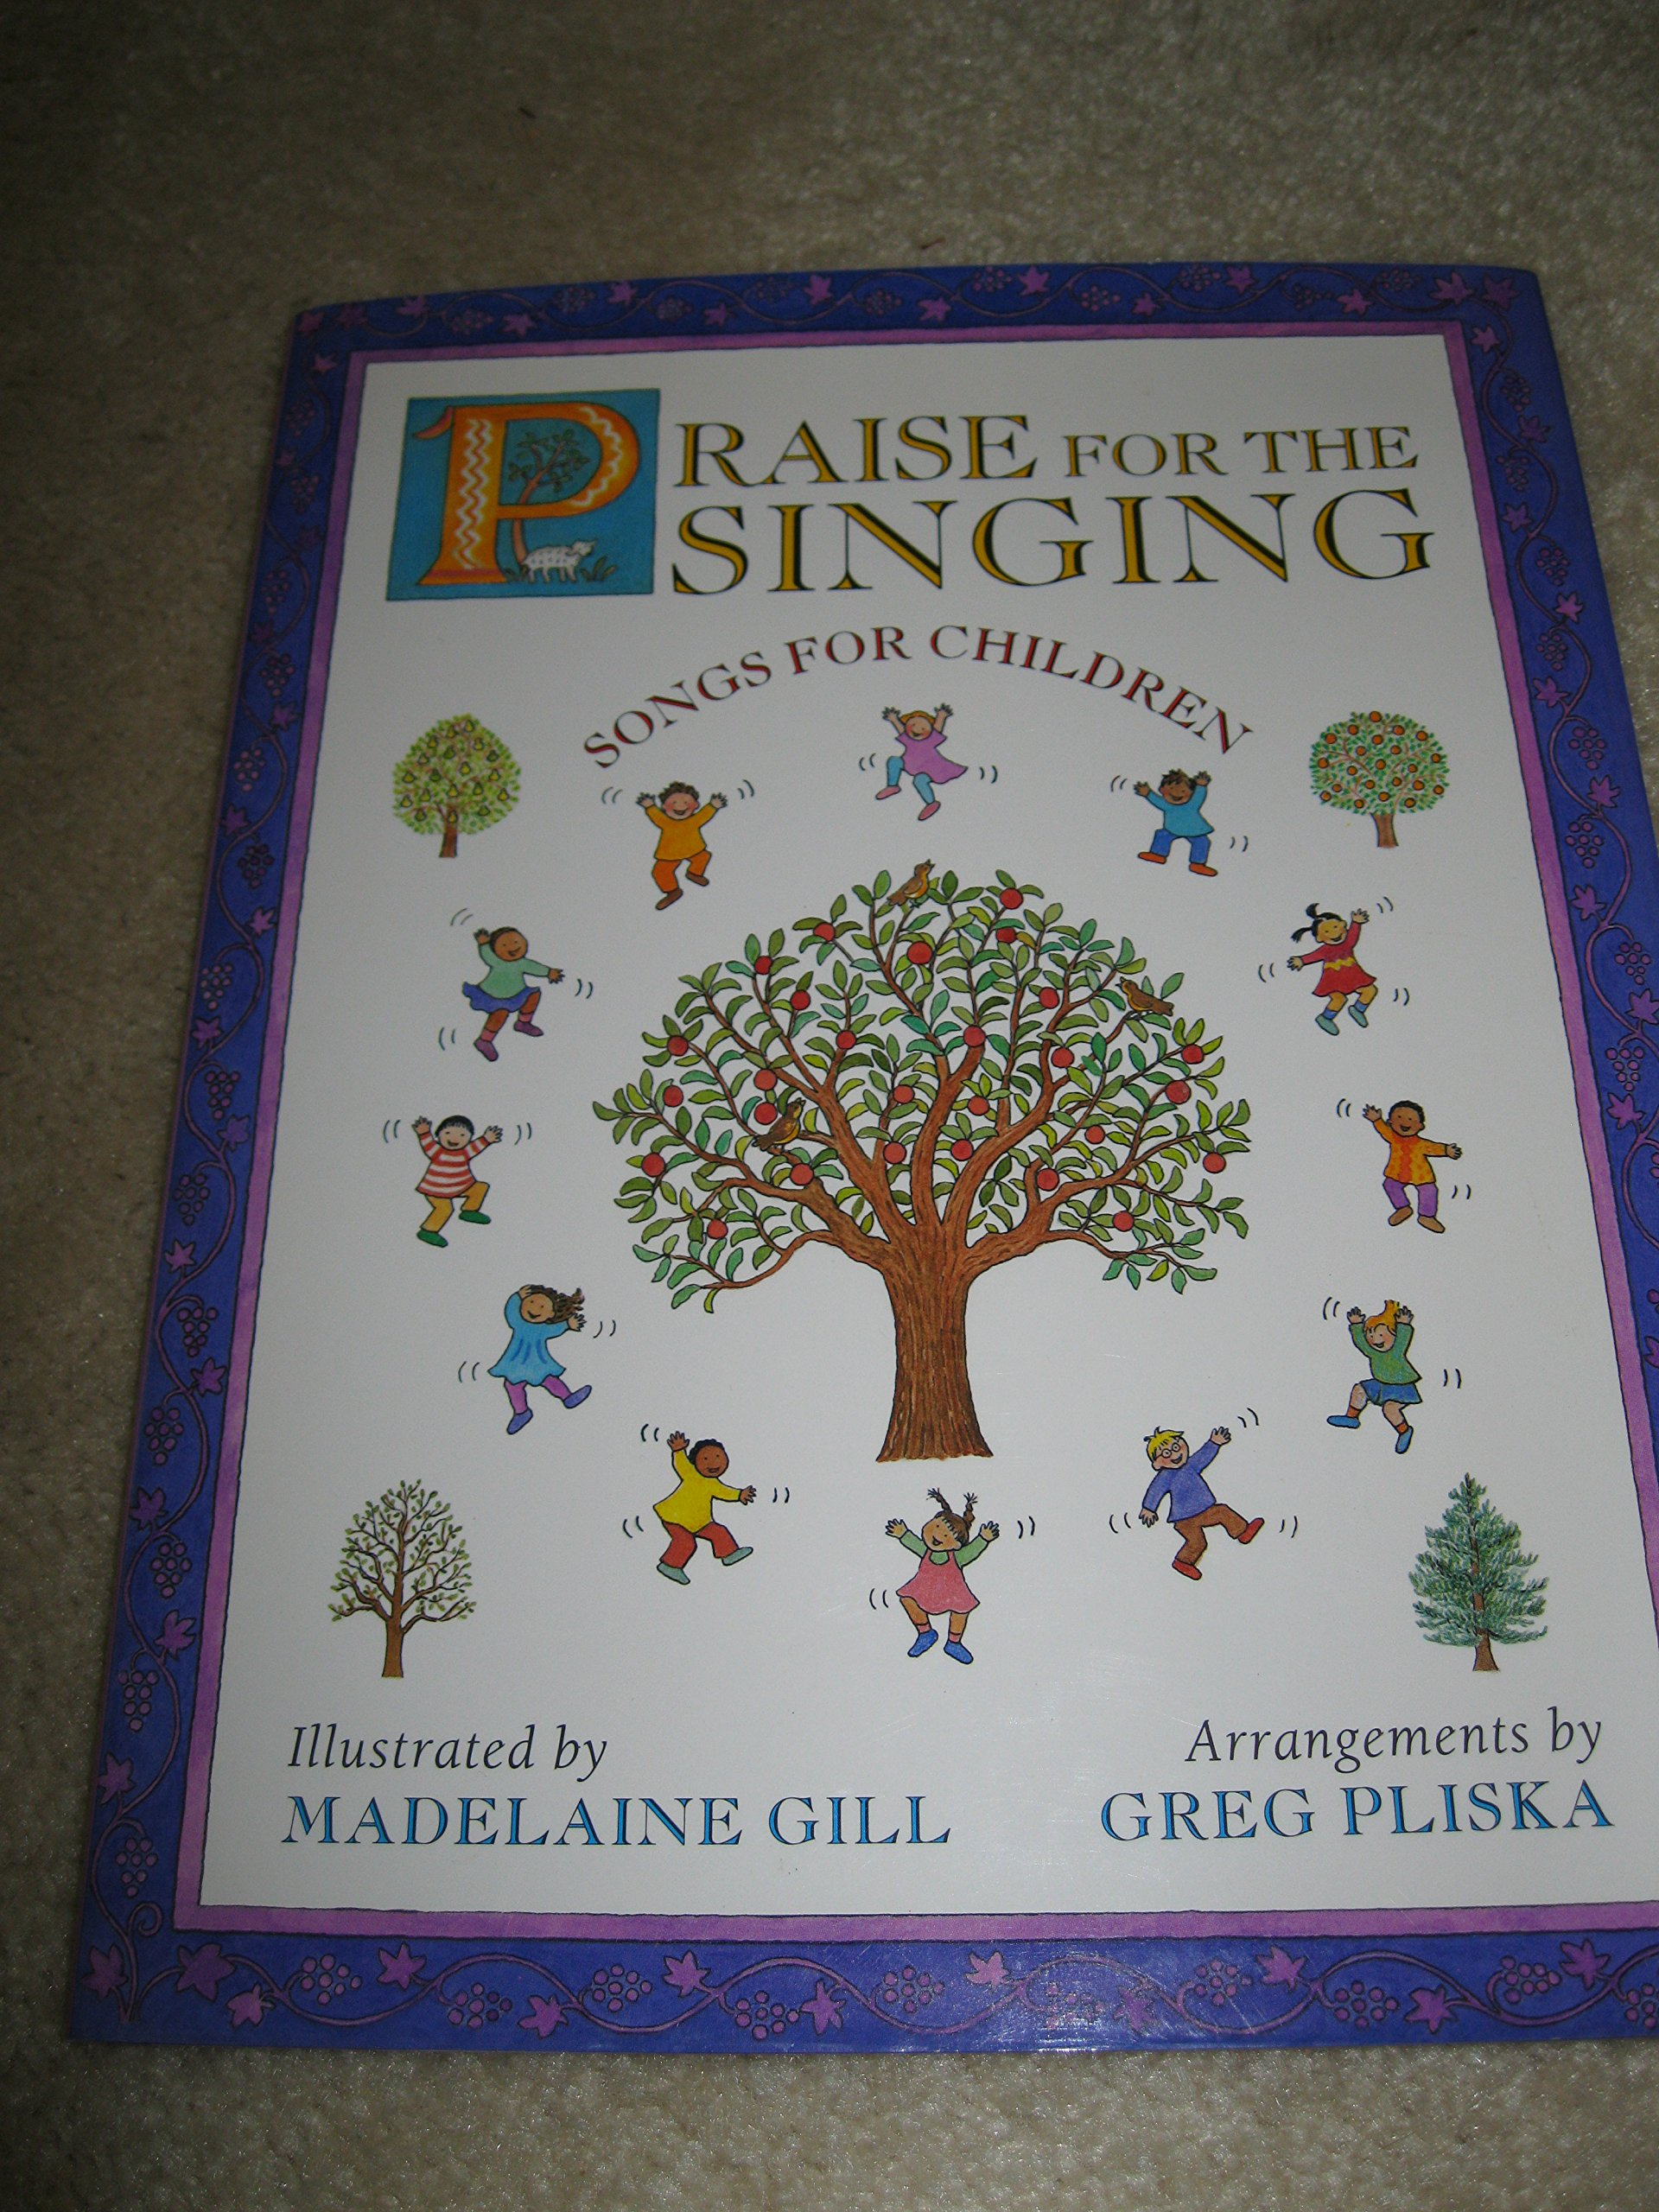 Praise for the Singing: Songs for Children